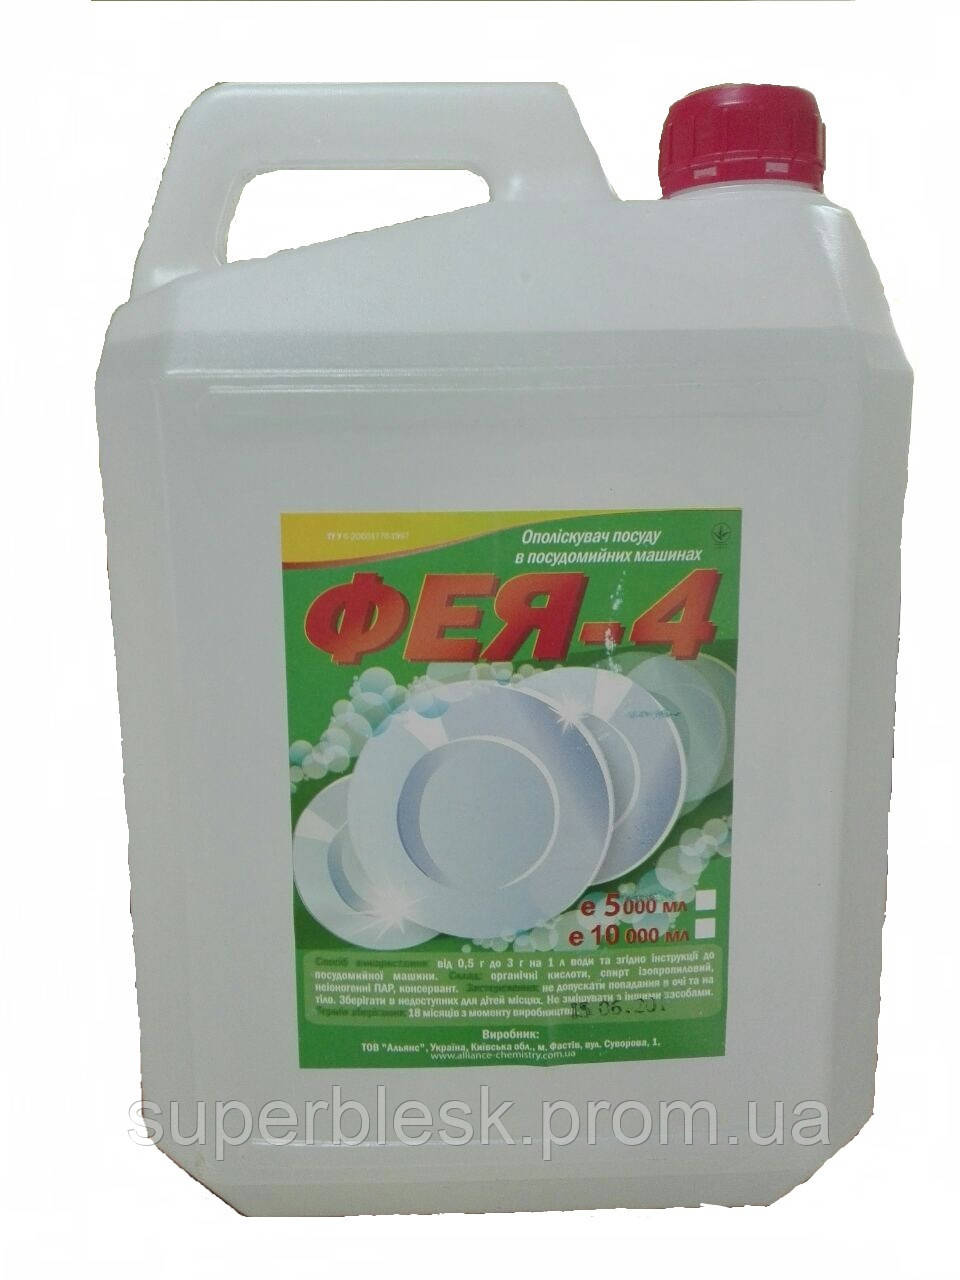 ФЕЯ -4 Ополаскиватель посуды для посудомоечных машин 10л